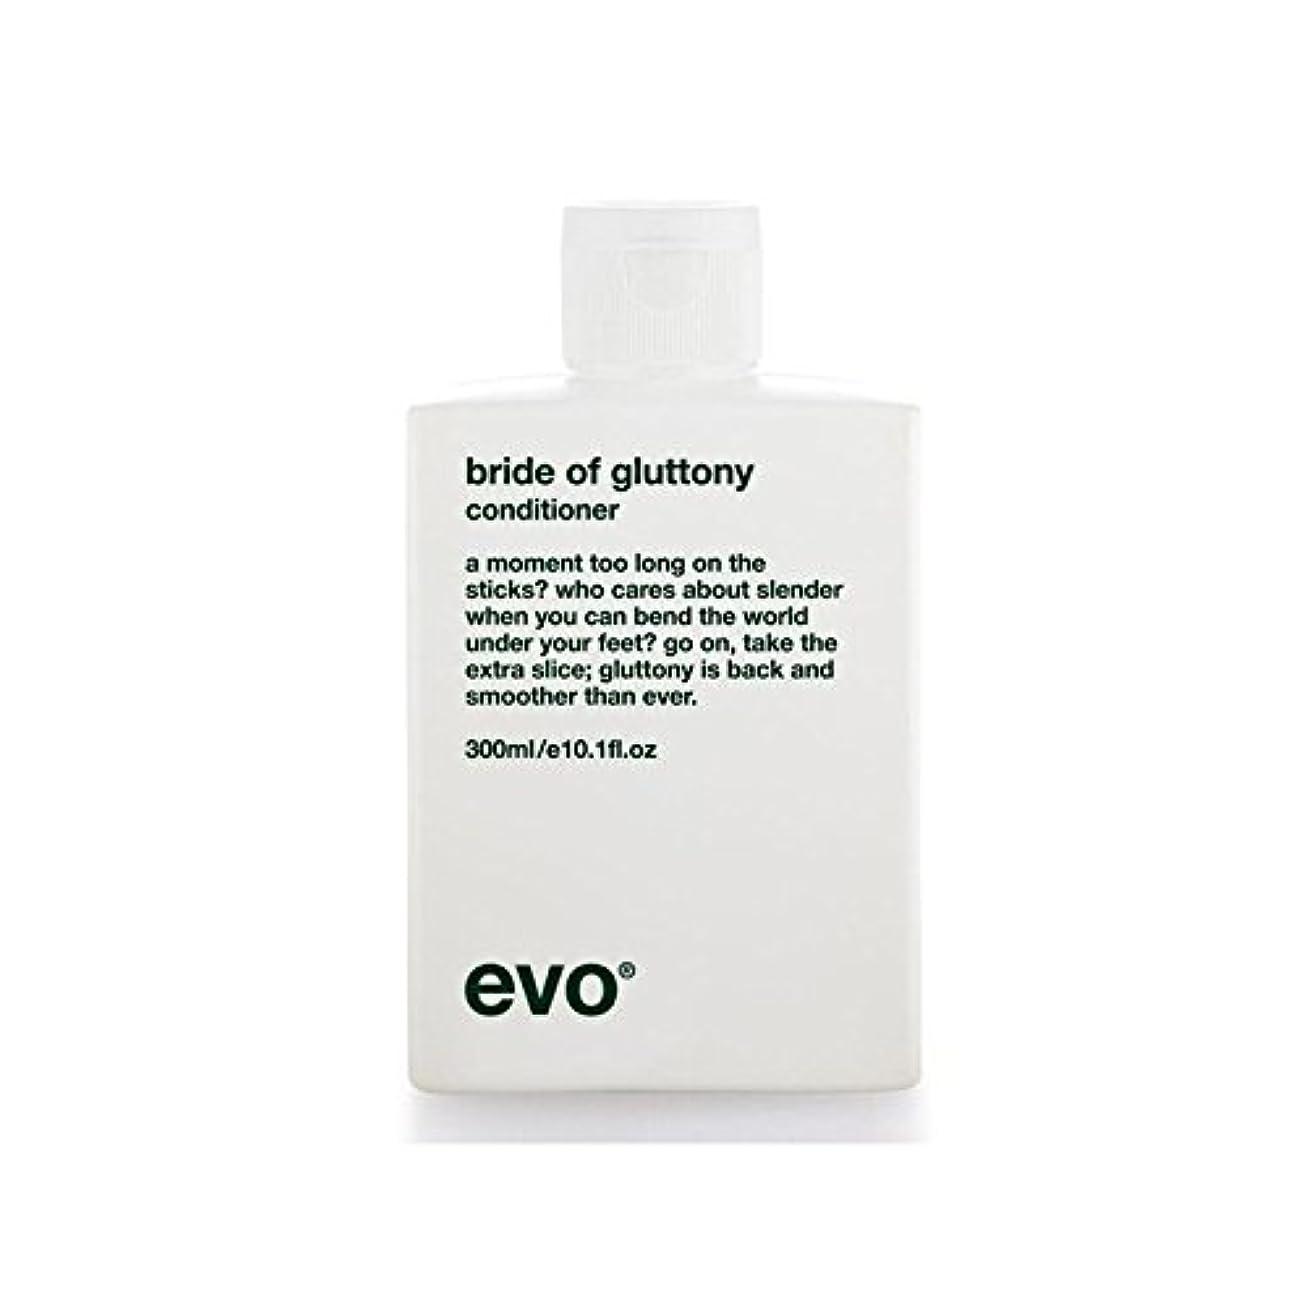 小人ソート着飾る飽食のボリュームコンディショナーのエボ花嫁 x2 - Evo Bride Of Gluttony Volume Conditioner (Pack of 2) [並行輸入品]